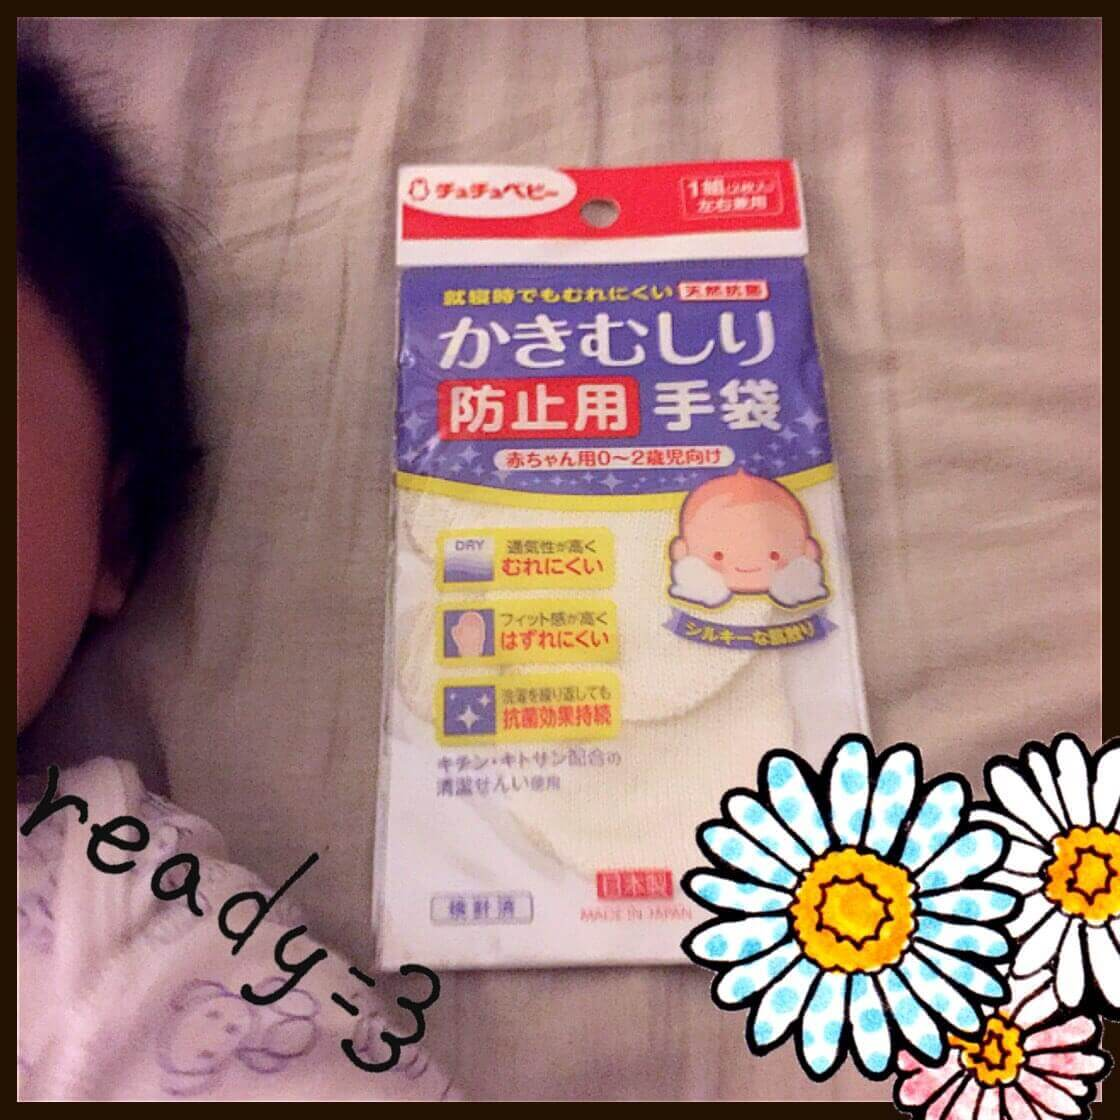 ひっかき防止の赤ちゃん用ミトンの日記イメージ写真